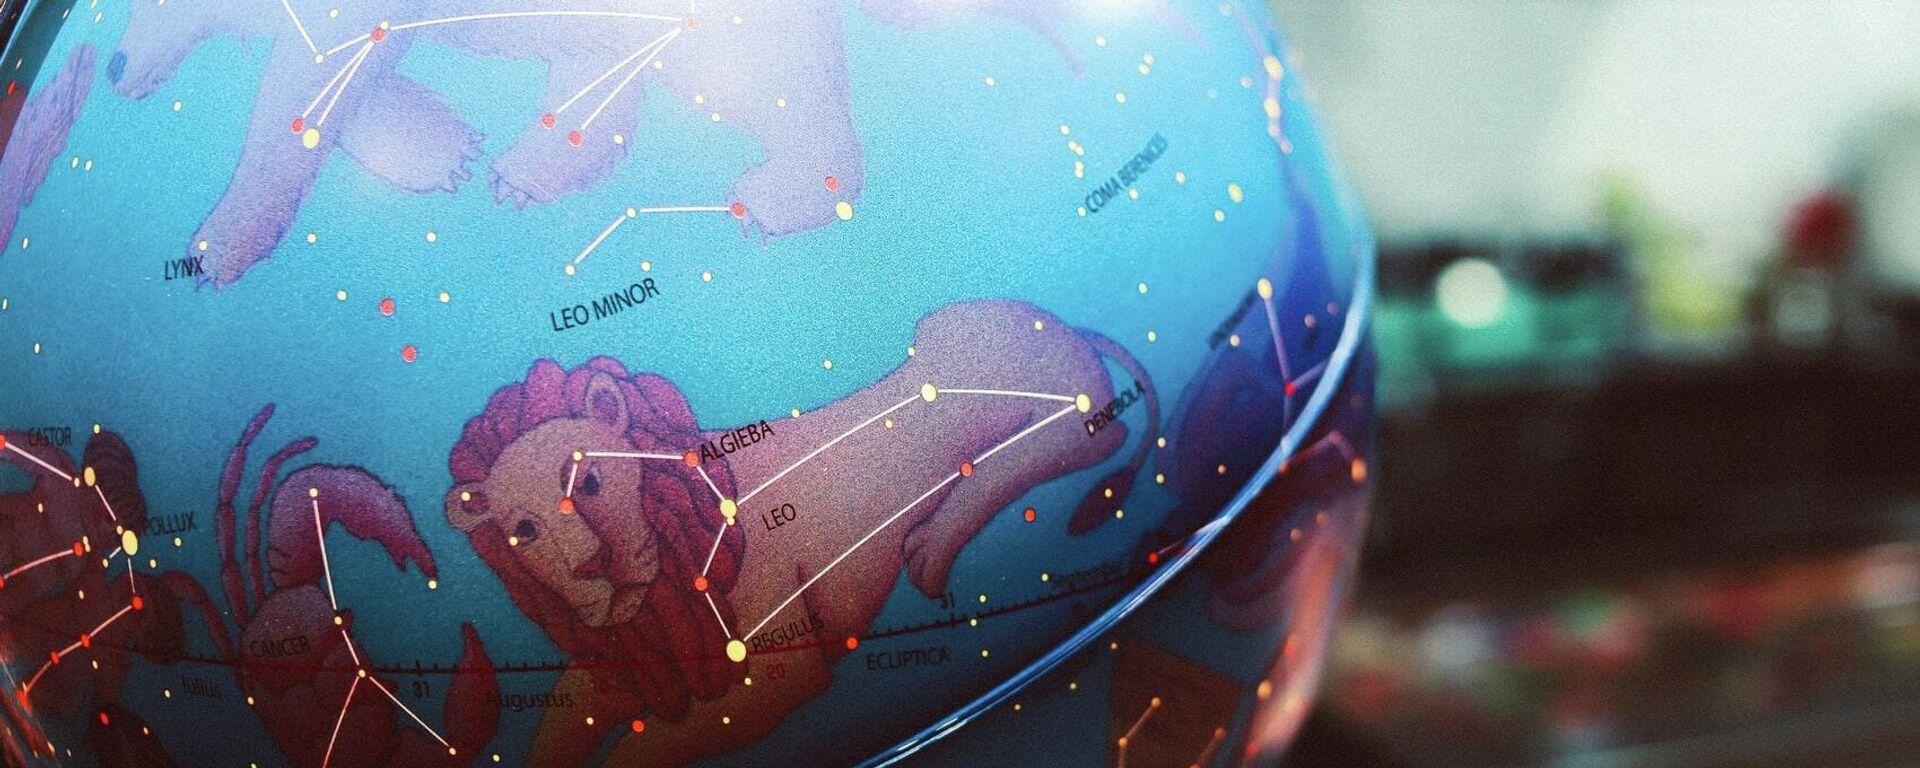 Созвездия на глобусе - Sputnik Таджикистан, 1920, 03.06.2021